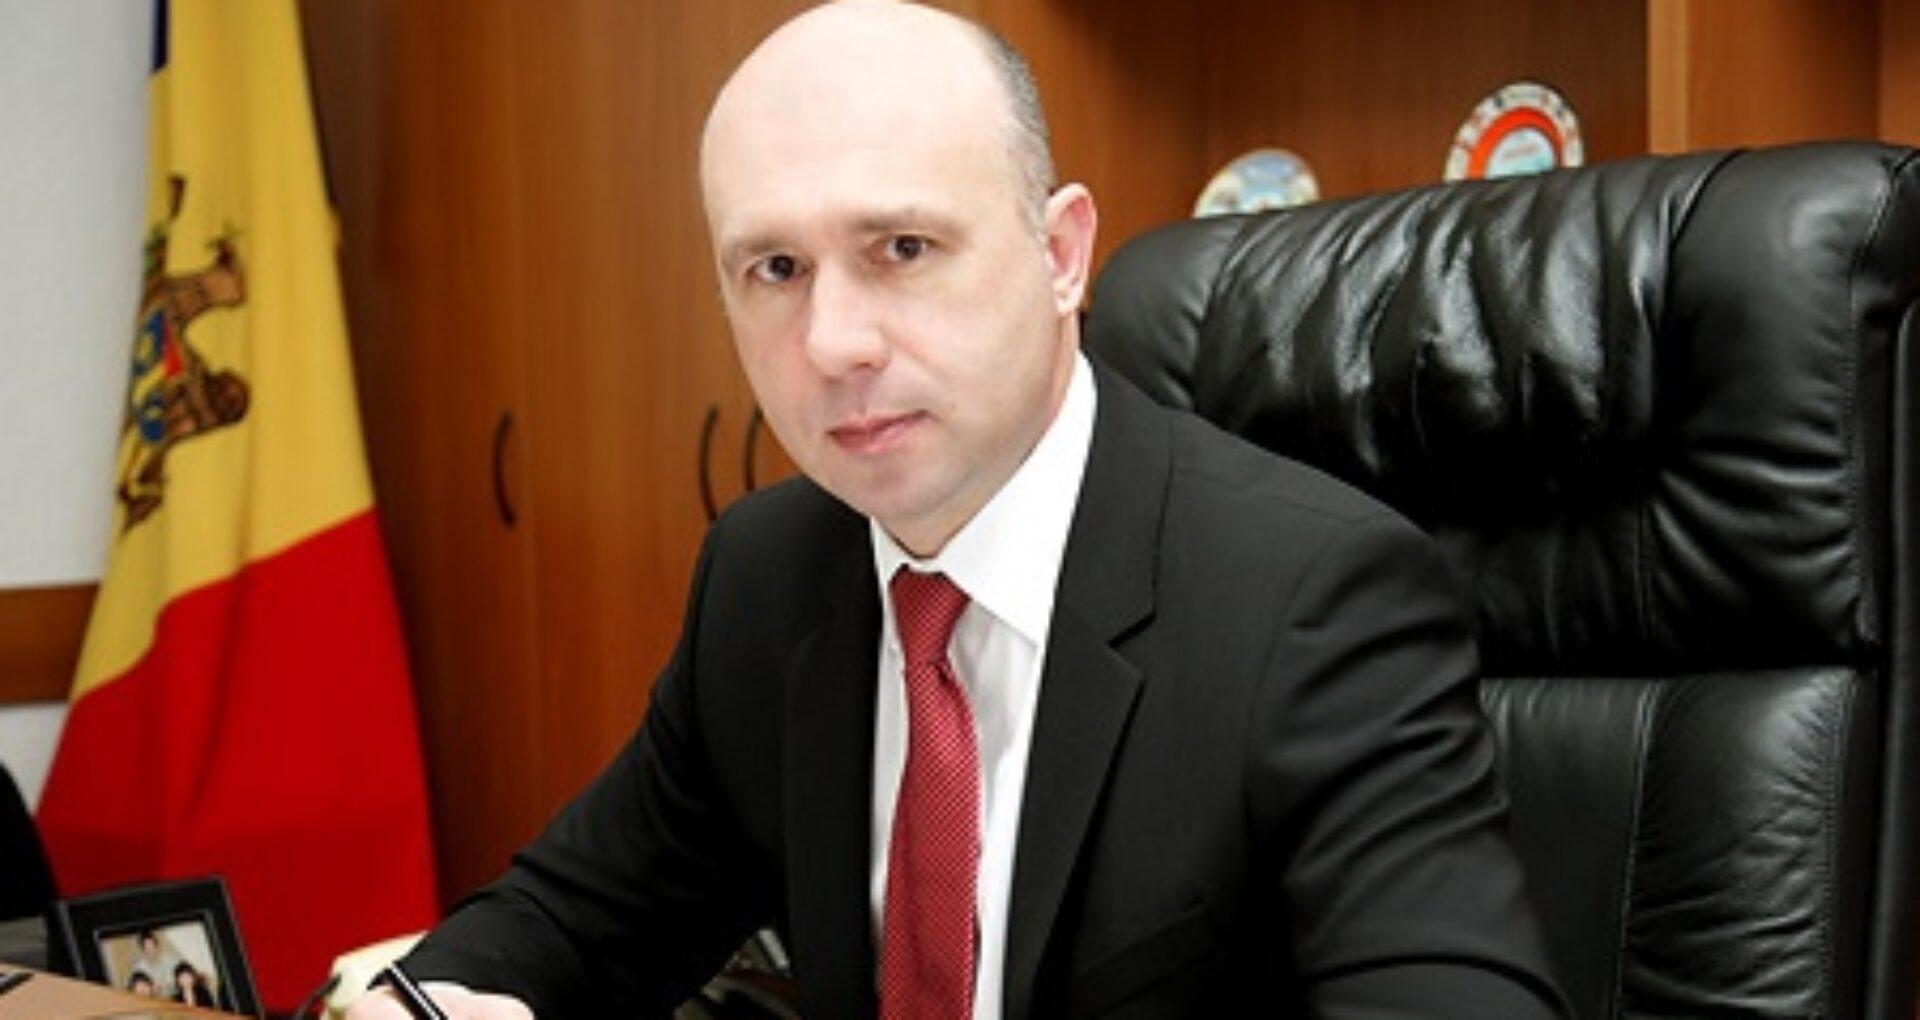 (FOTO) Integritate: Pavel Filip, candidatul majorității la funcția de premier, nu-și declară casa de milioane în care locuiește